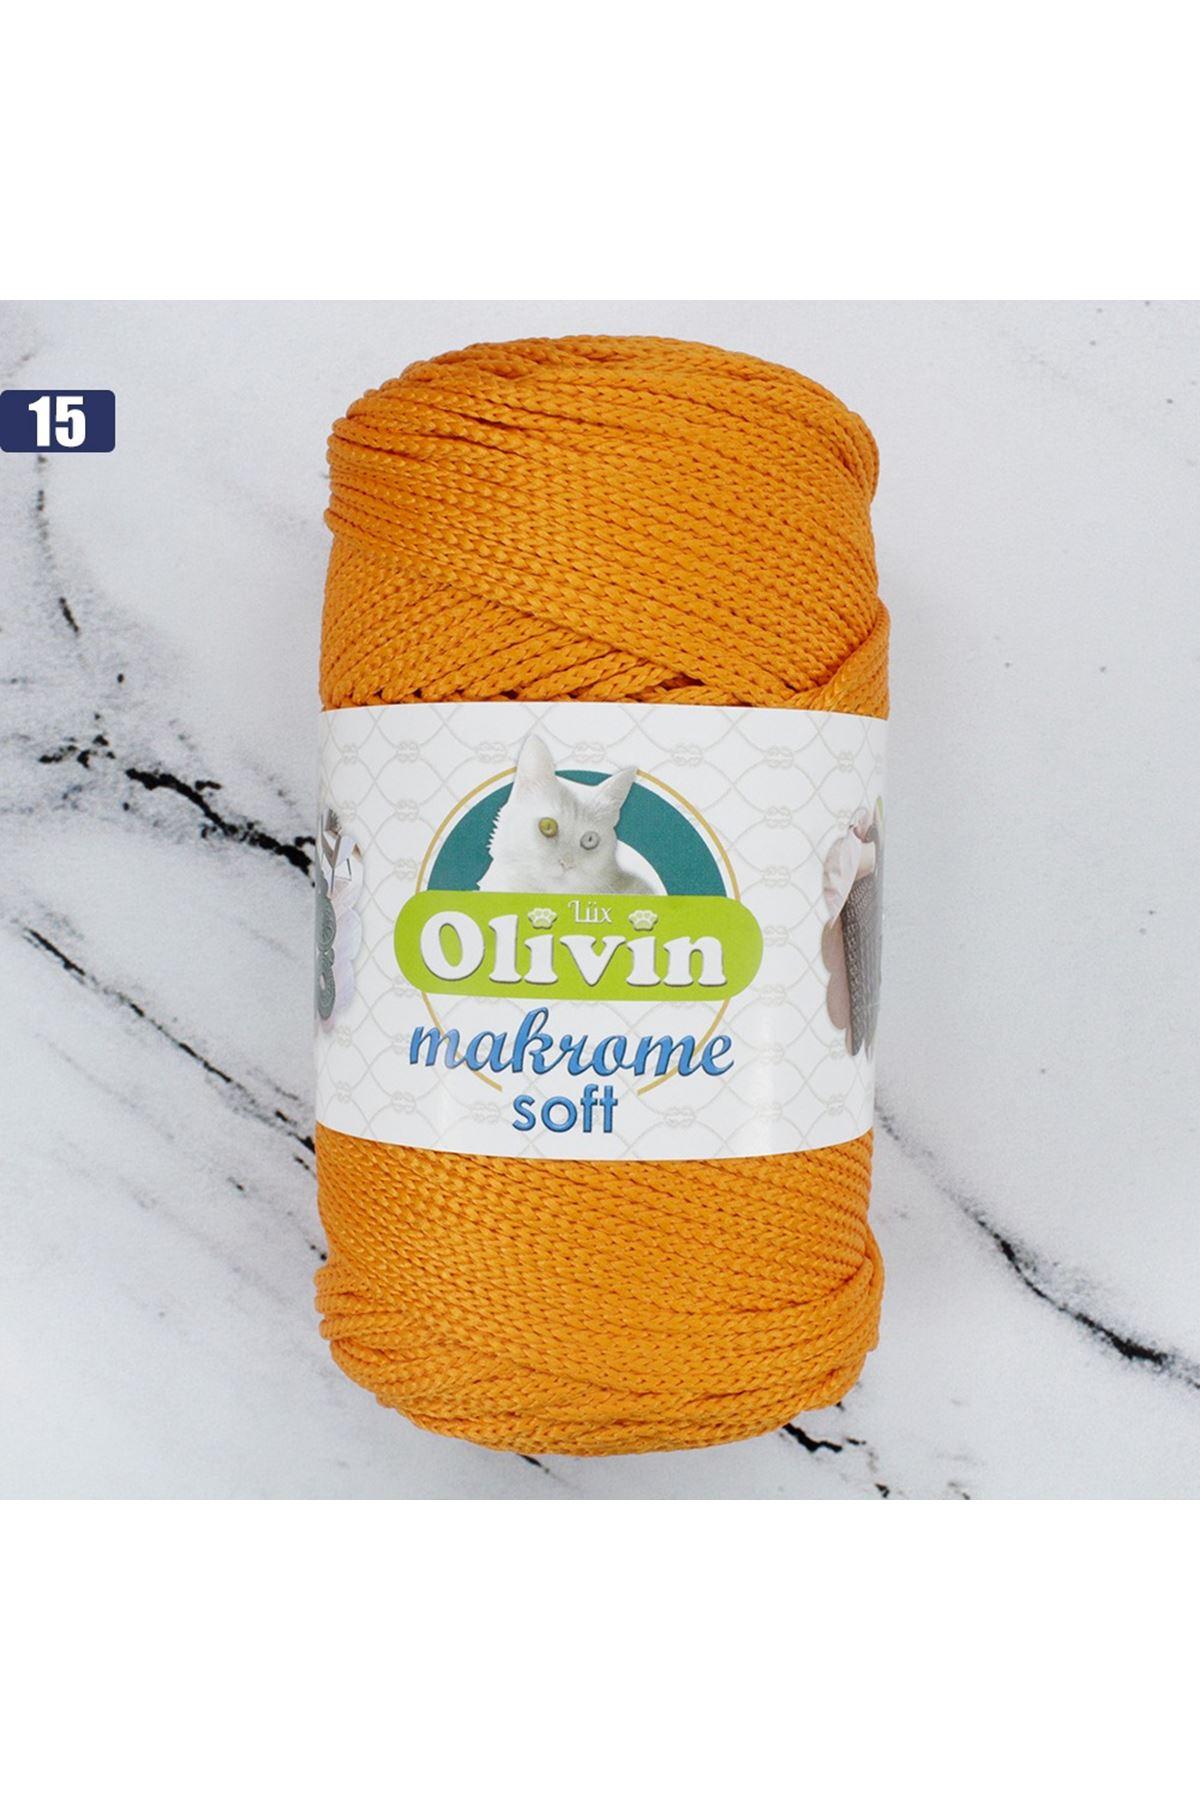 Olivin Makrome Soft 15